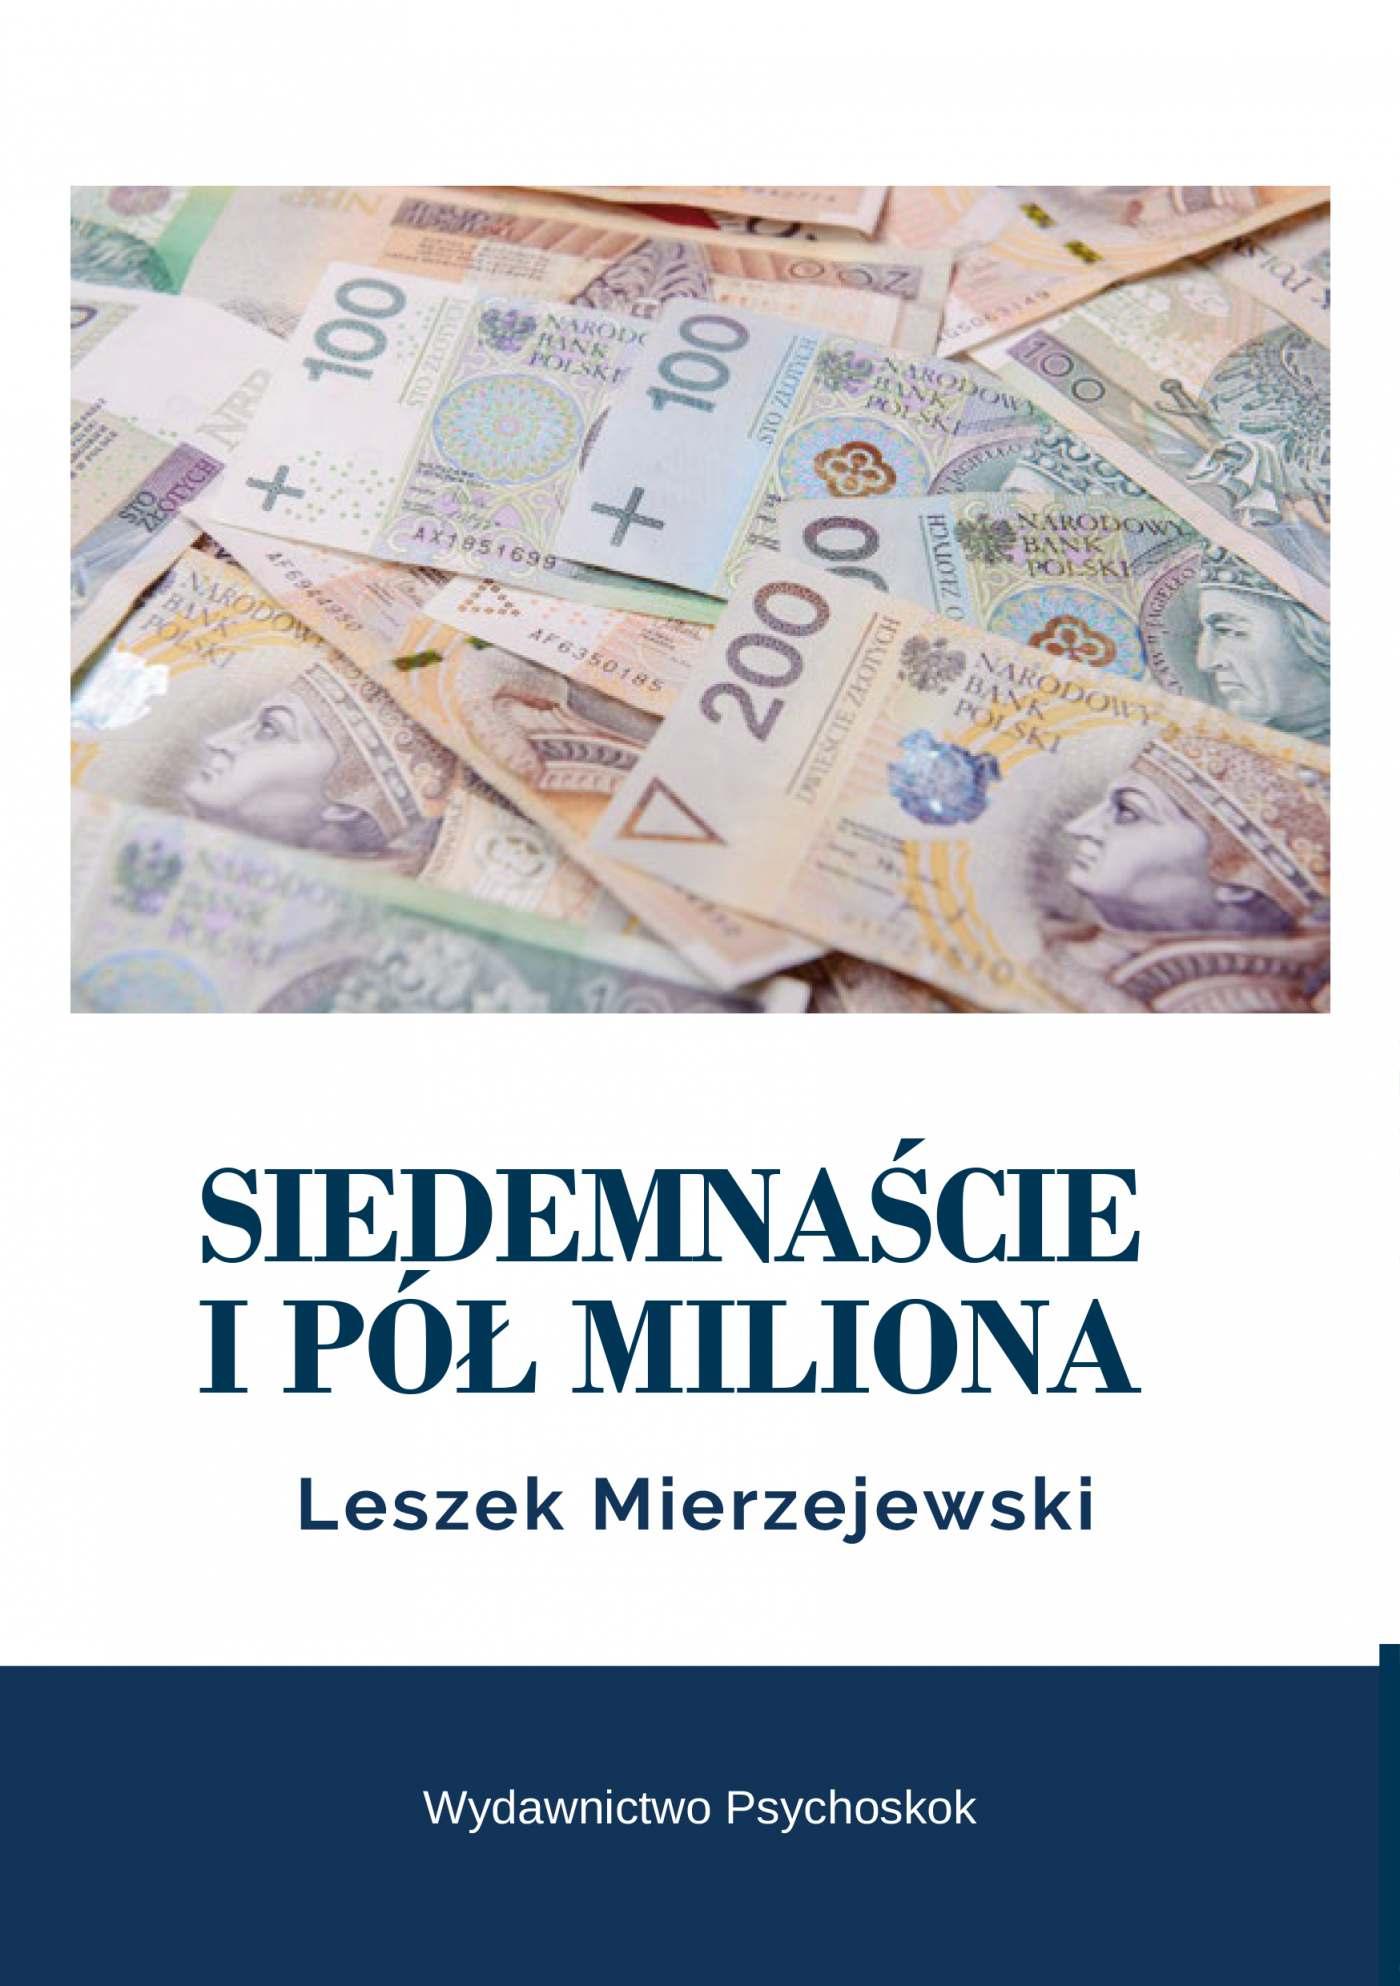 Siedemnaście i pół miliona - Ebook (Książka EPUB) do pobrania w formacie EPUB